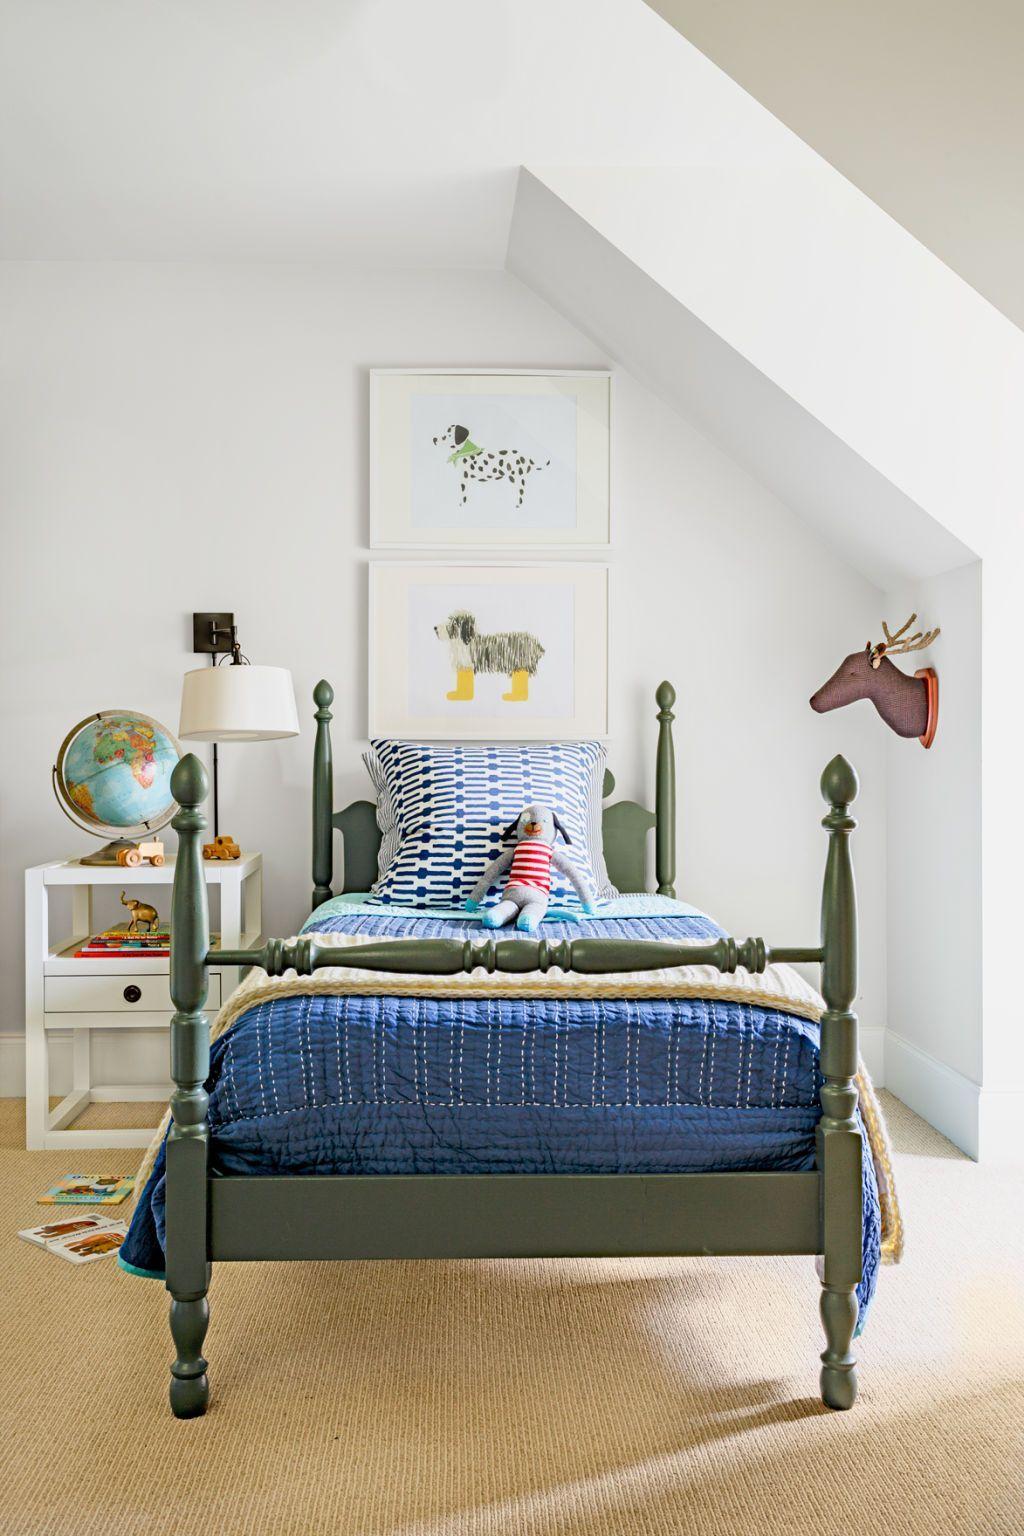 chambre enfant kaki lit bois sol marron globe terrestre table chevet blanc - blog déco - clem around the corner